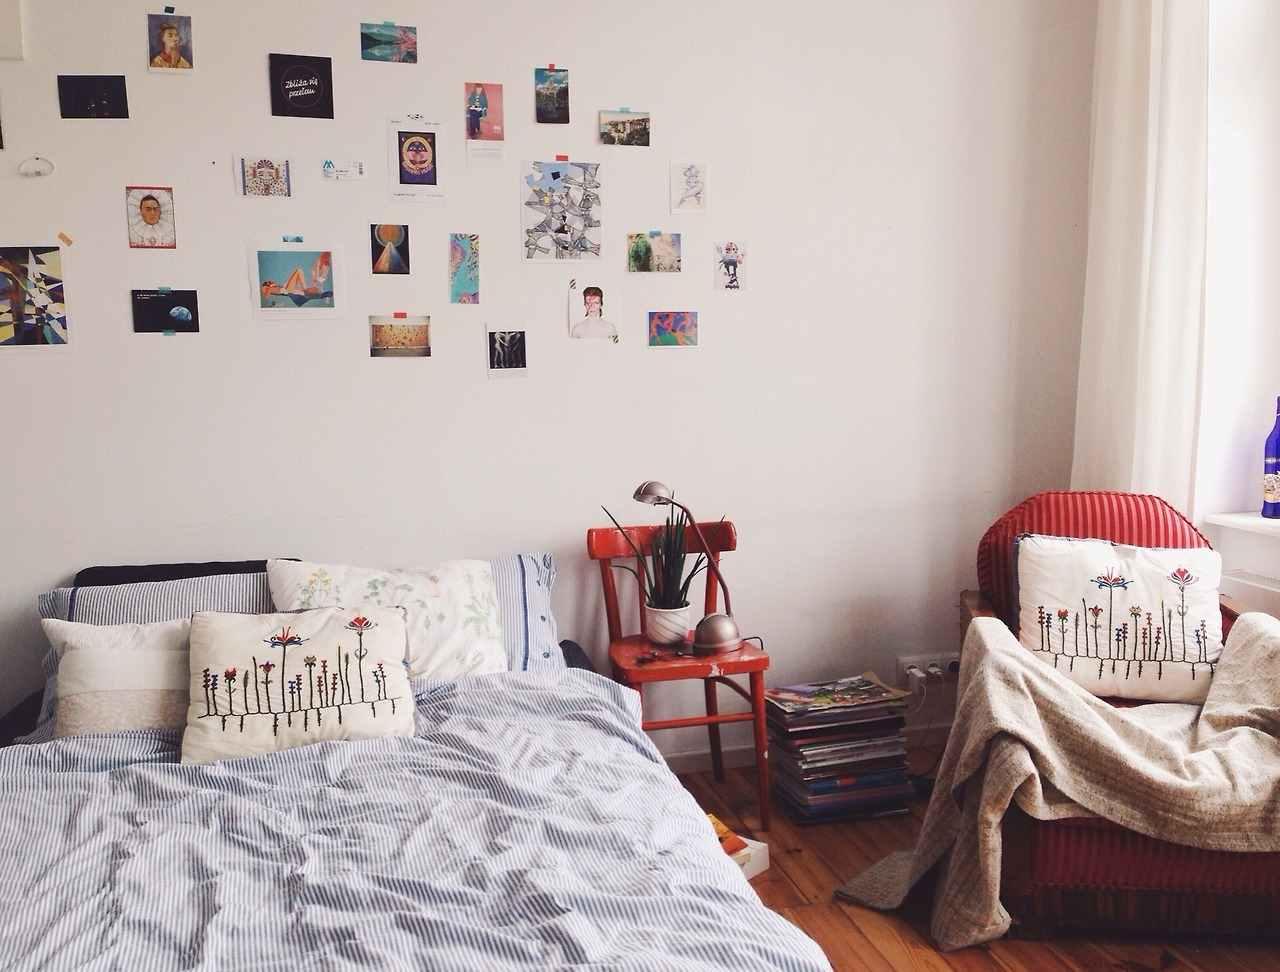 Full Size of Tumblr Zimmer Inspiration 50 Tolle Schlafzimmer Deko Ideen Fr Mit überbau Schranksysteme Komplette Massivholz Sessel Teppich Deckenlampe Vorhänge Regal Wohnzimmer Schlafzimmer Dekorieren